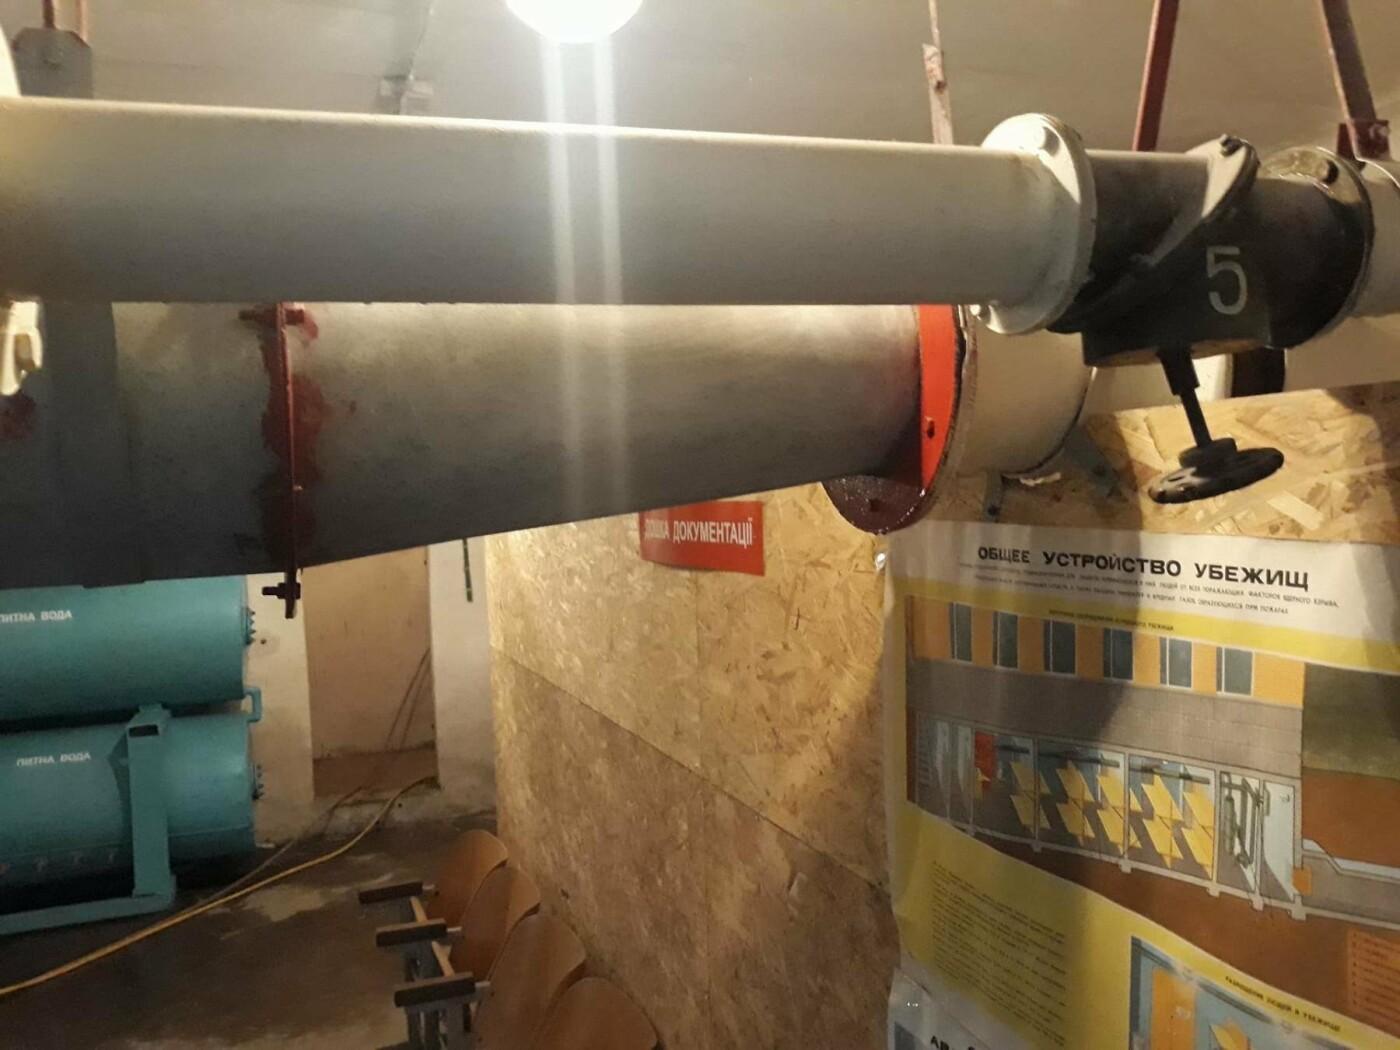 Дізнайся як виглядає об'єкт захисту під час надзвичайних ситуацій у Хмельницькому. ФОТО, фото-3